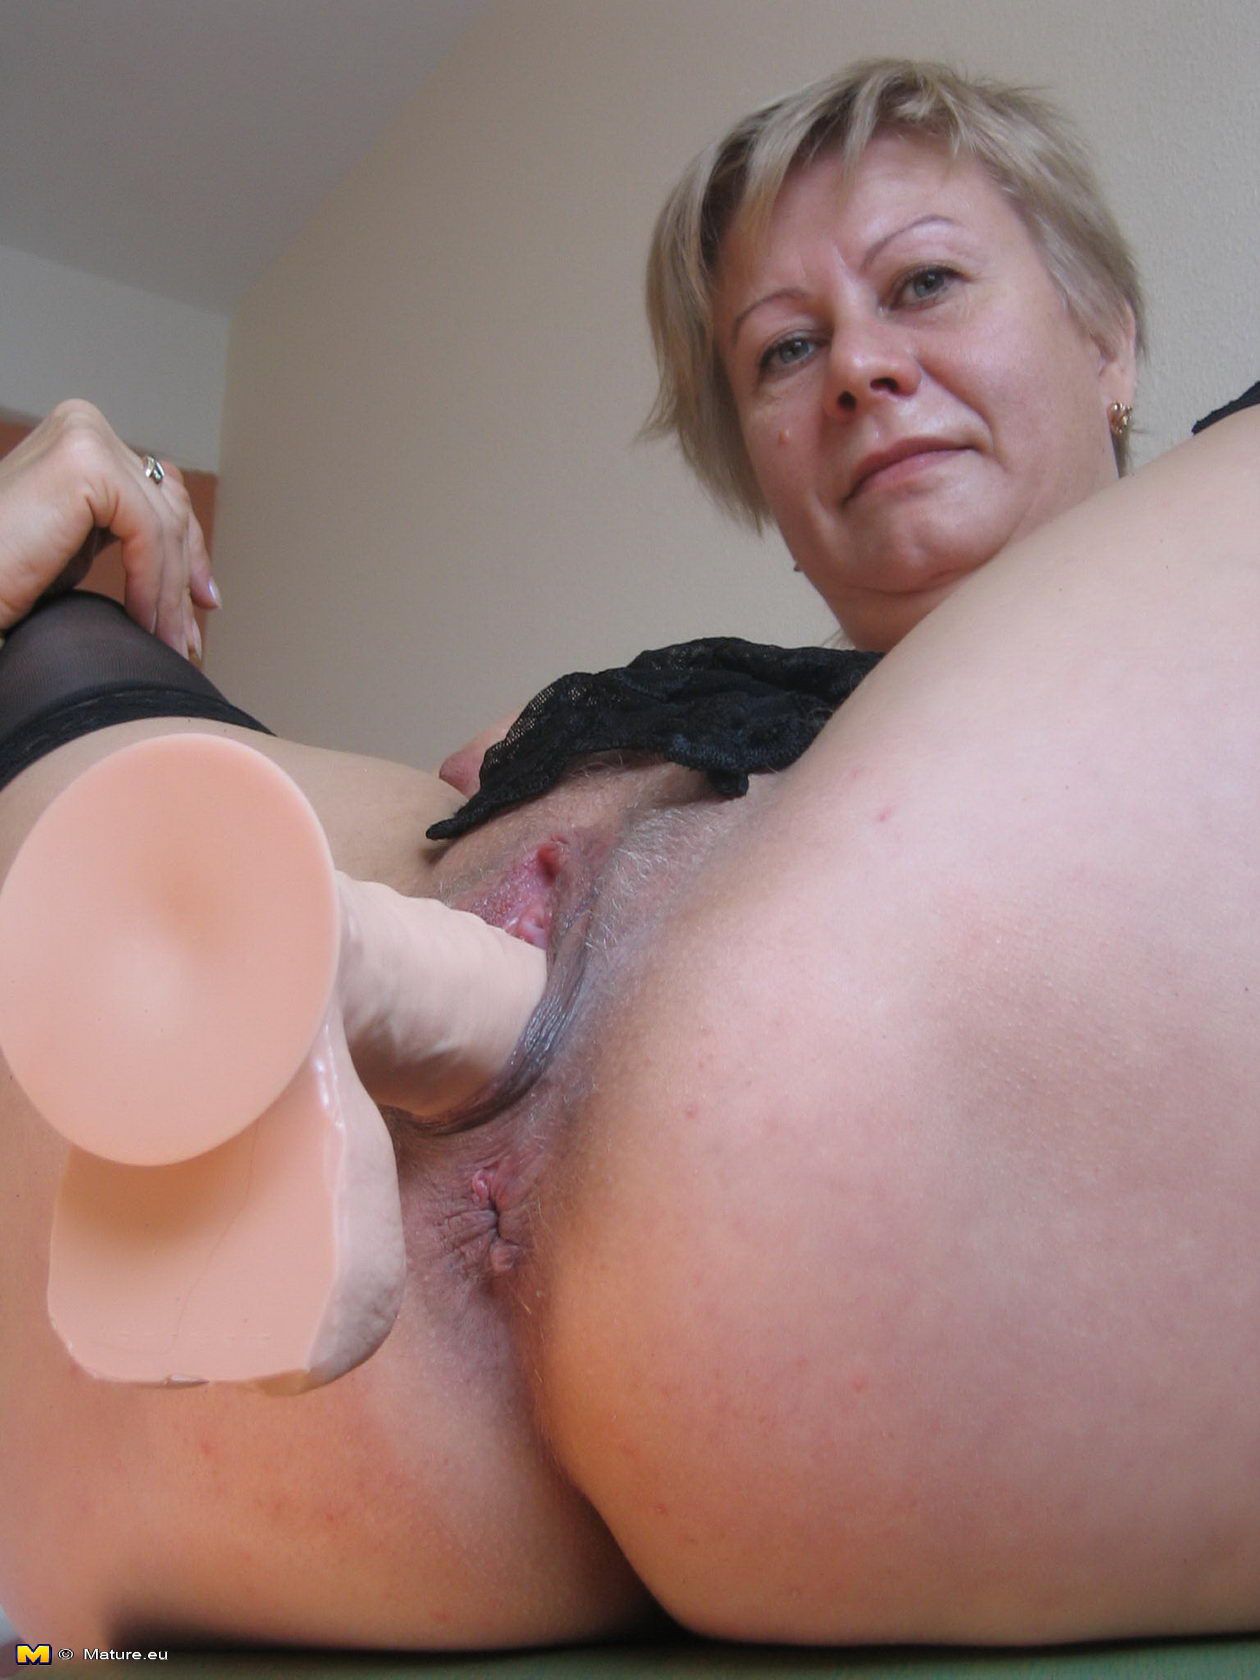 Оргазм онлайн баб — photo 7